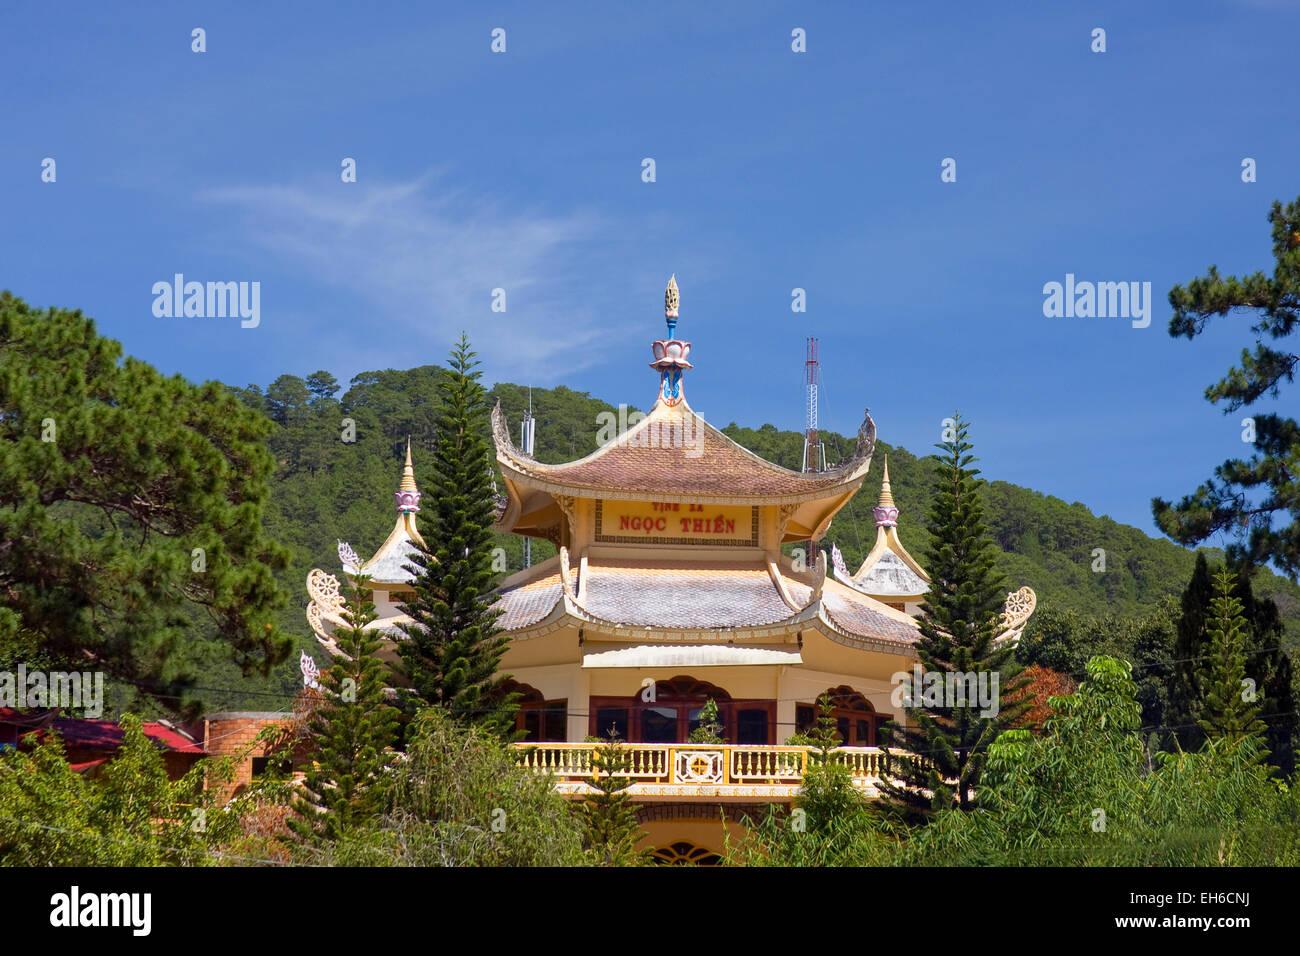 Truc Lam Pagoda, Dalat, Vietnam, Southeast Asia Stock Photo